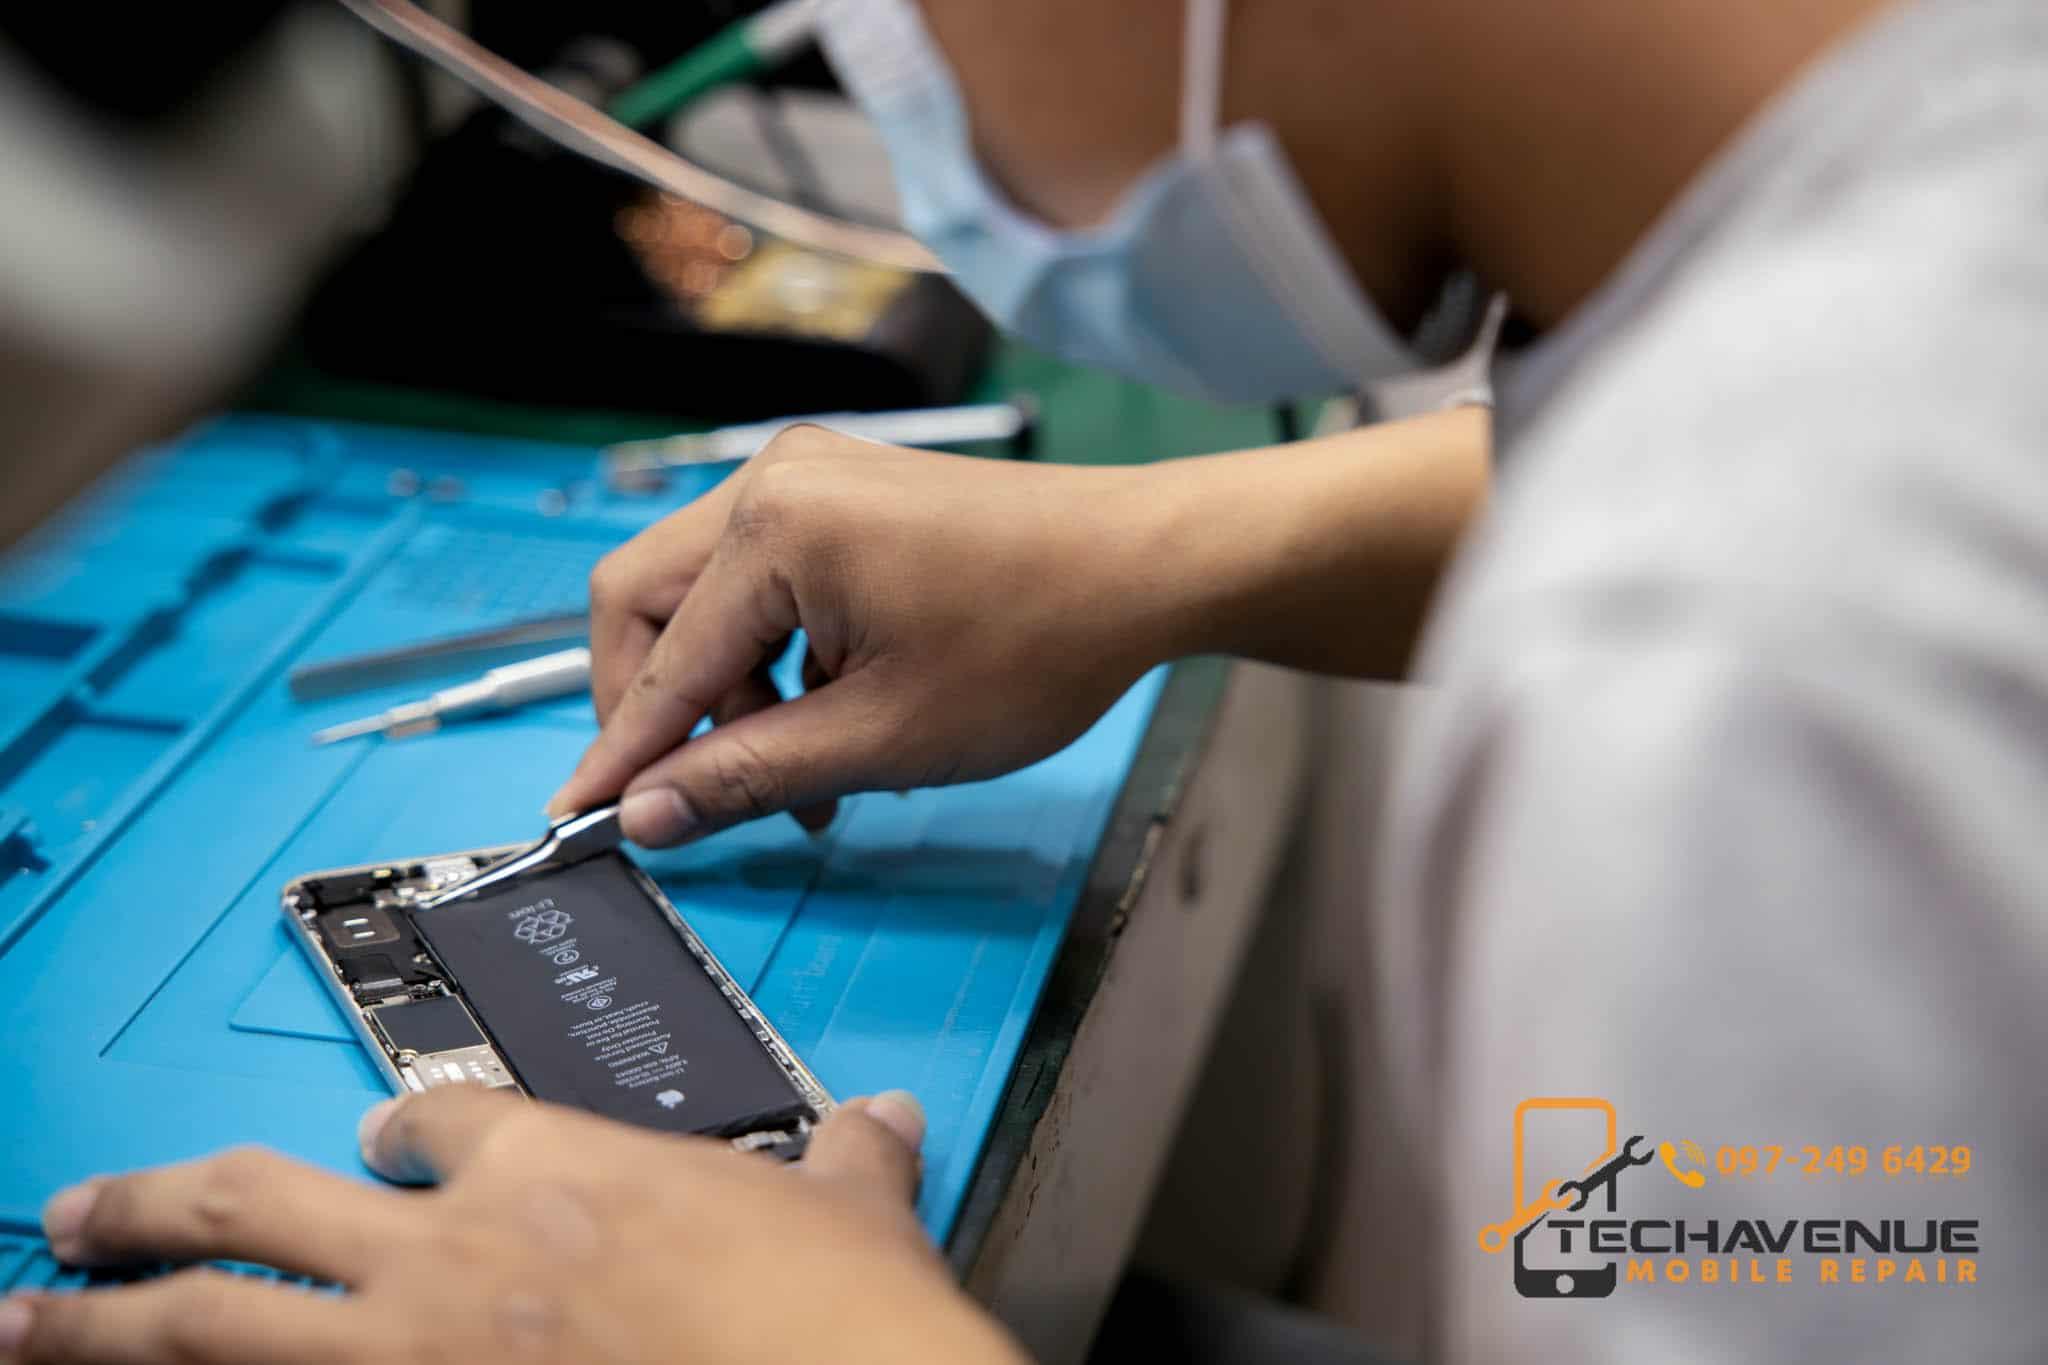 ร้านซ่อมมือถือ Xiaomi อะไหล่ แท้ ราคาถูก ตึกฟอร์จูน